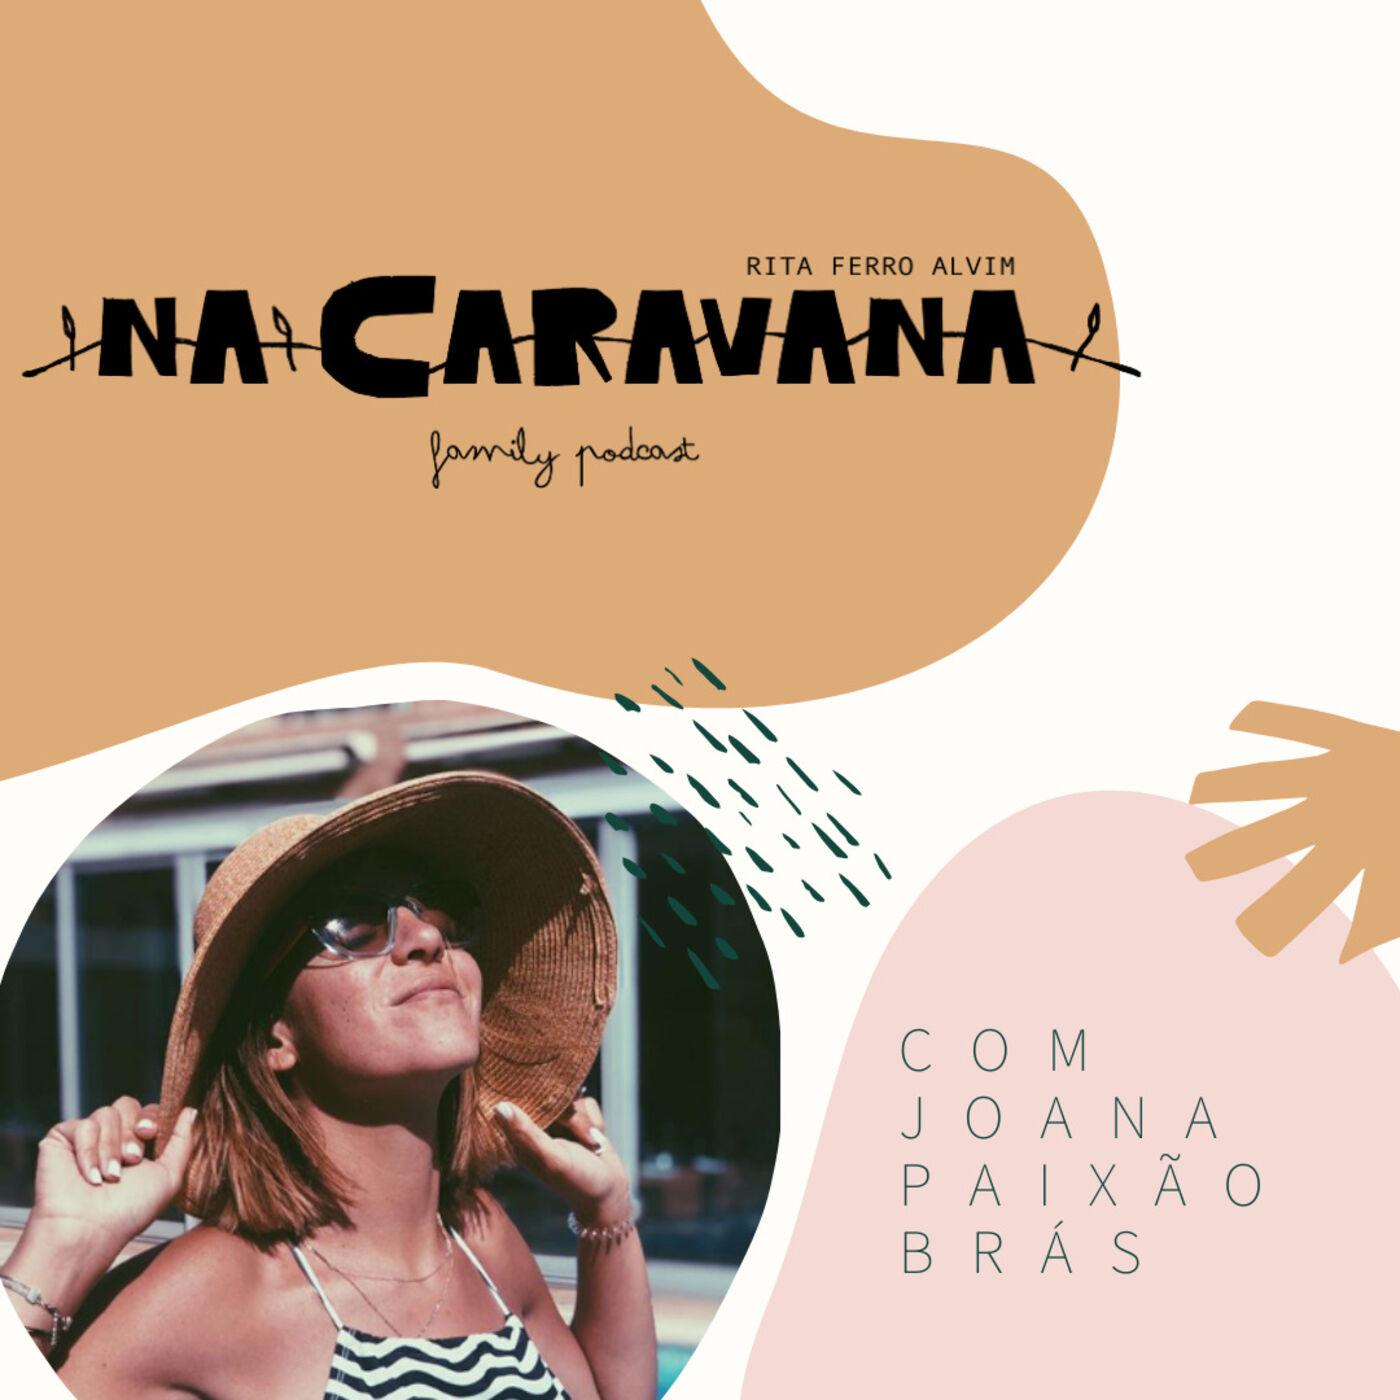 N'A Caravana com Joana Paixão Brás #2 Blog, lágrimas e Onda Choc